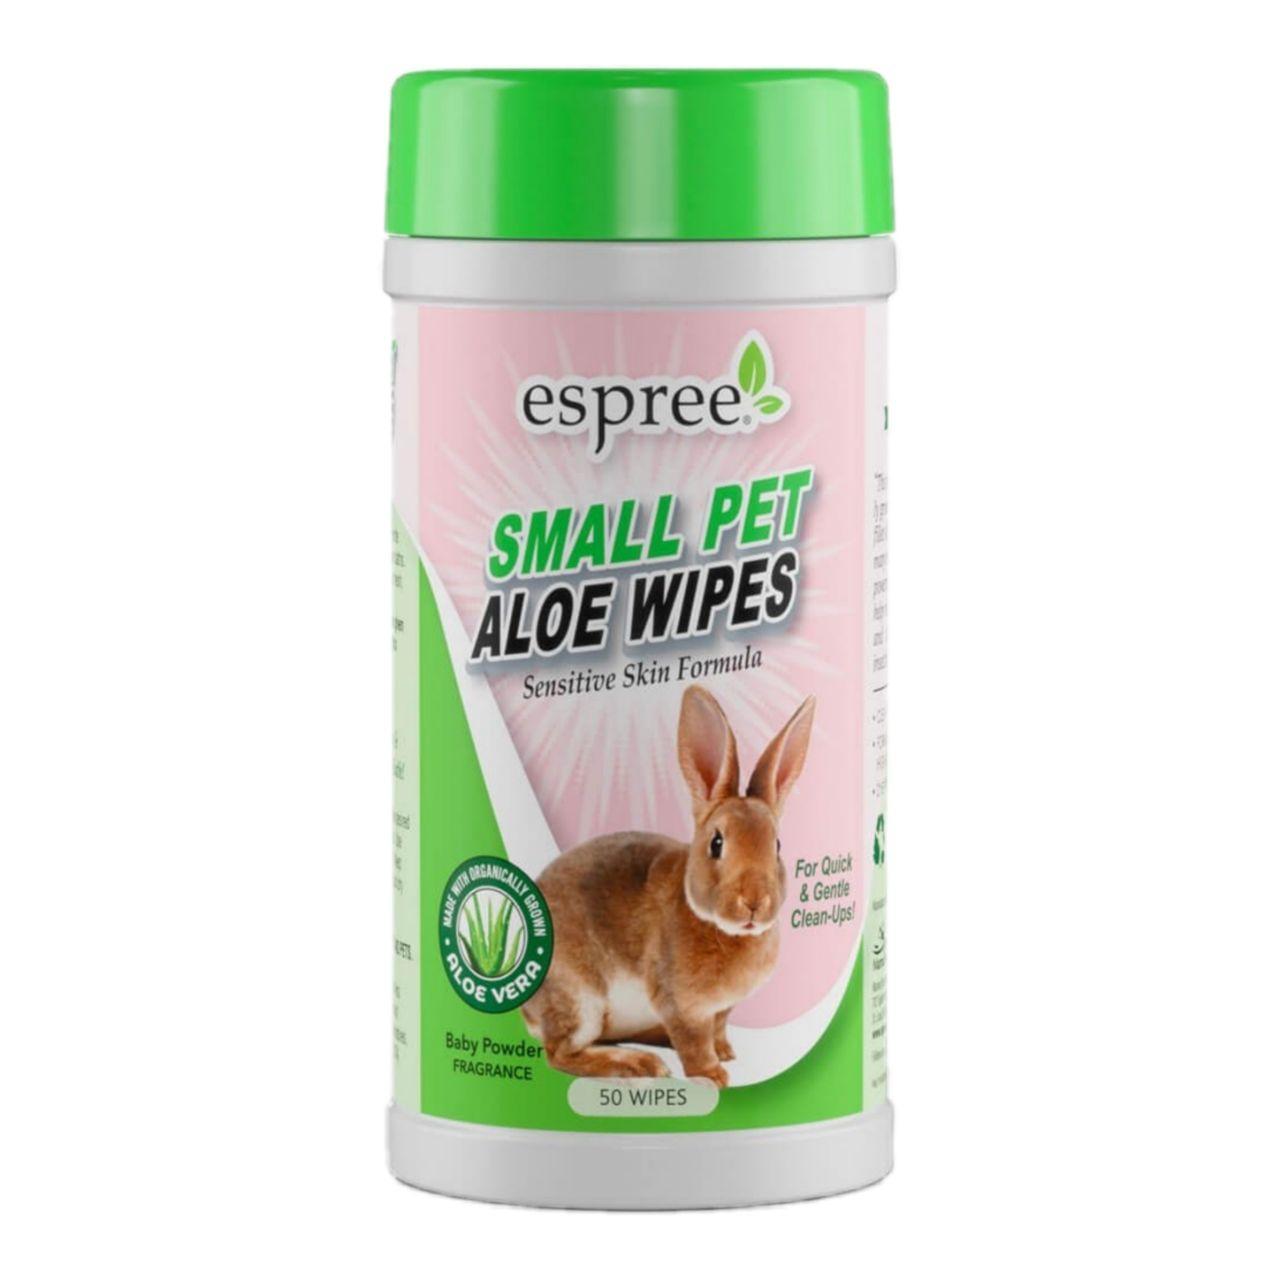 Espree Small Animal Wipes – вологі серветки для грумінгу дрібних тварин